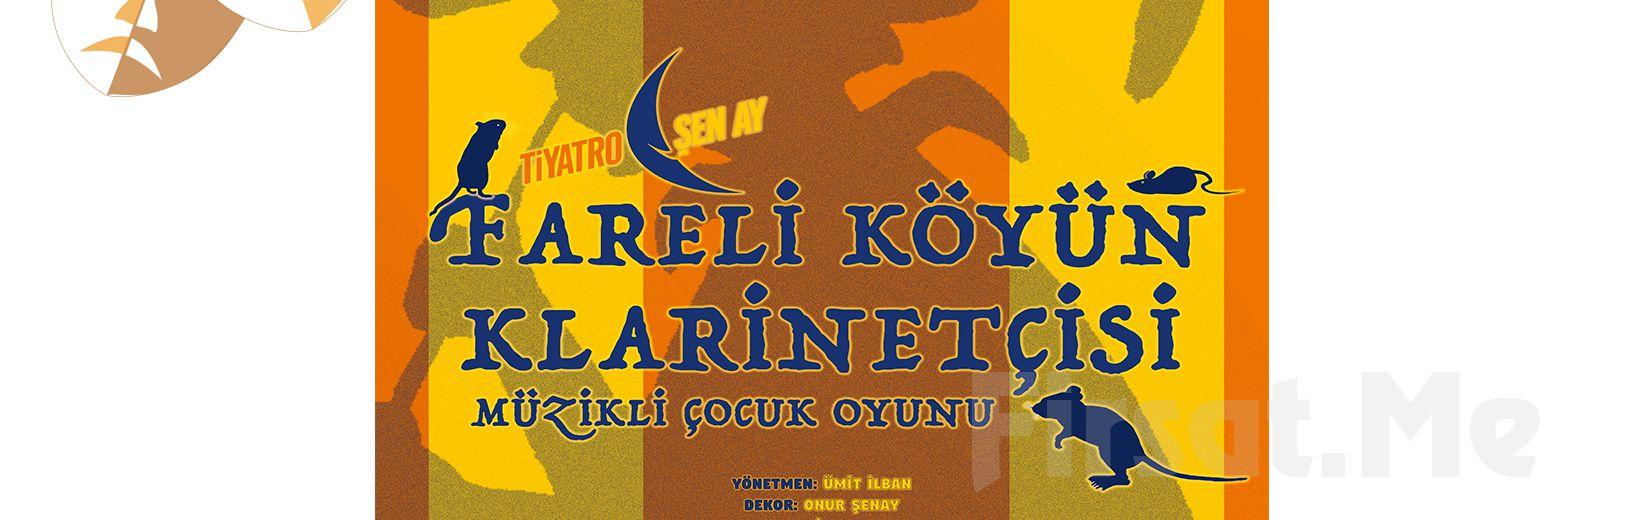 Kats Sahne'de Her Pazar Çocuklarınız için Fareli Köyün Klarinetçisi Tiyatro Oyun Bileti